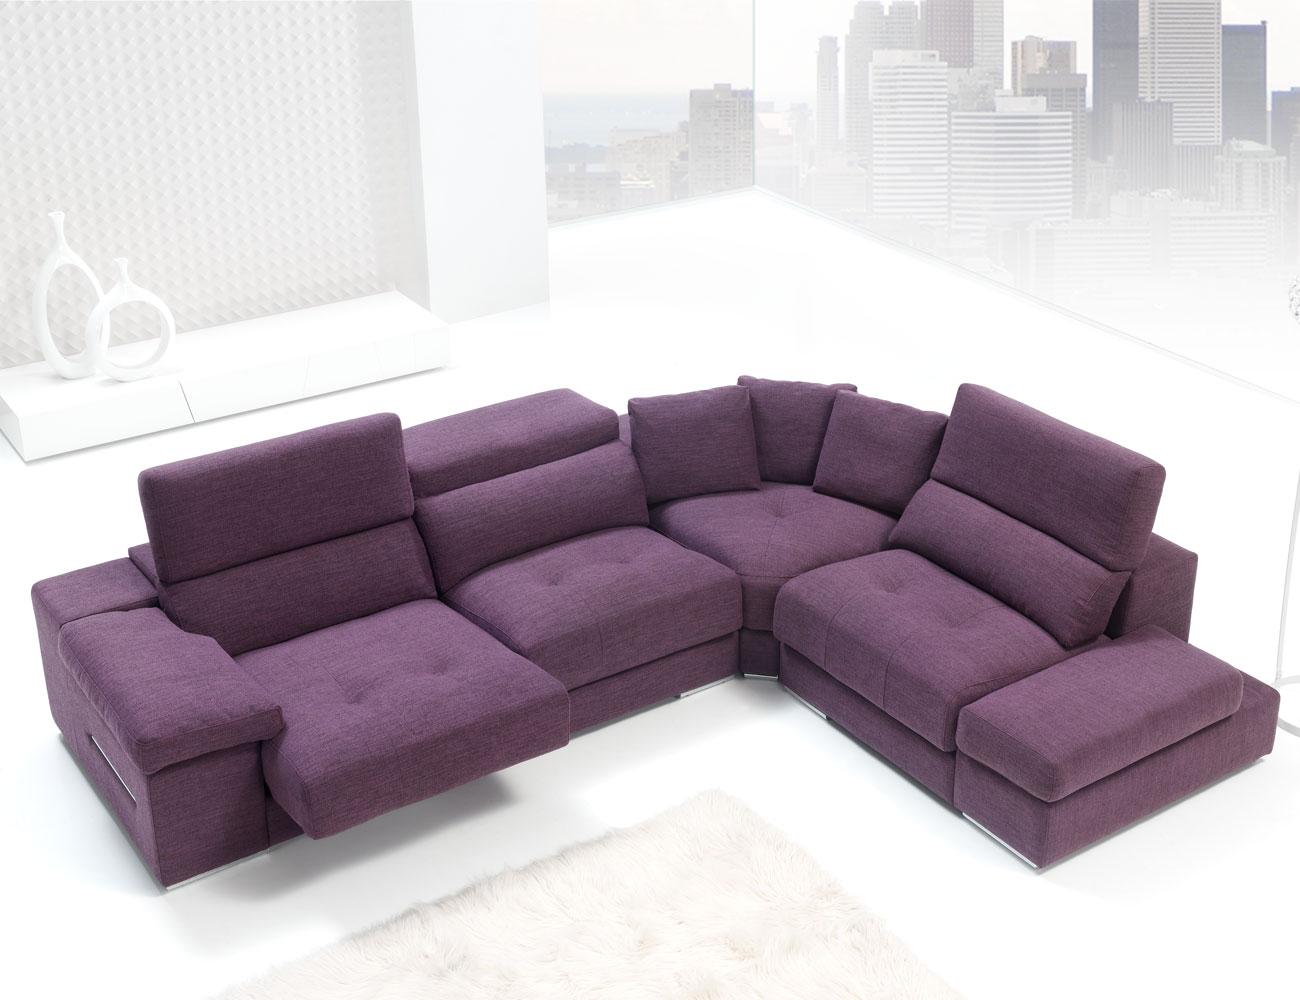 Sofa chaiselongue rincon con brazo mecanico tejido anti manchas 213